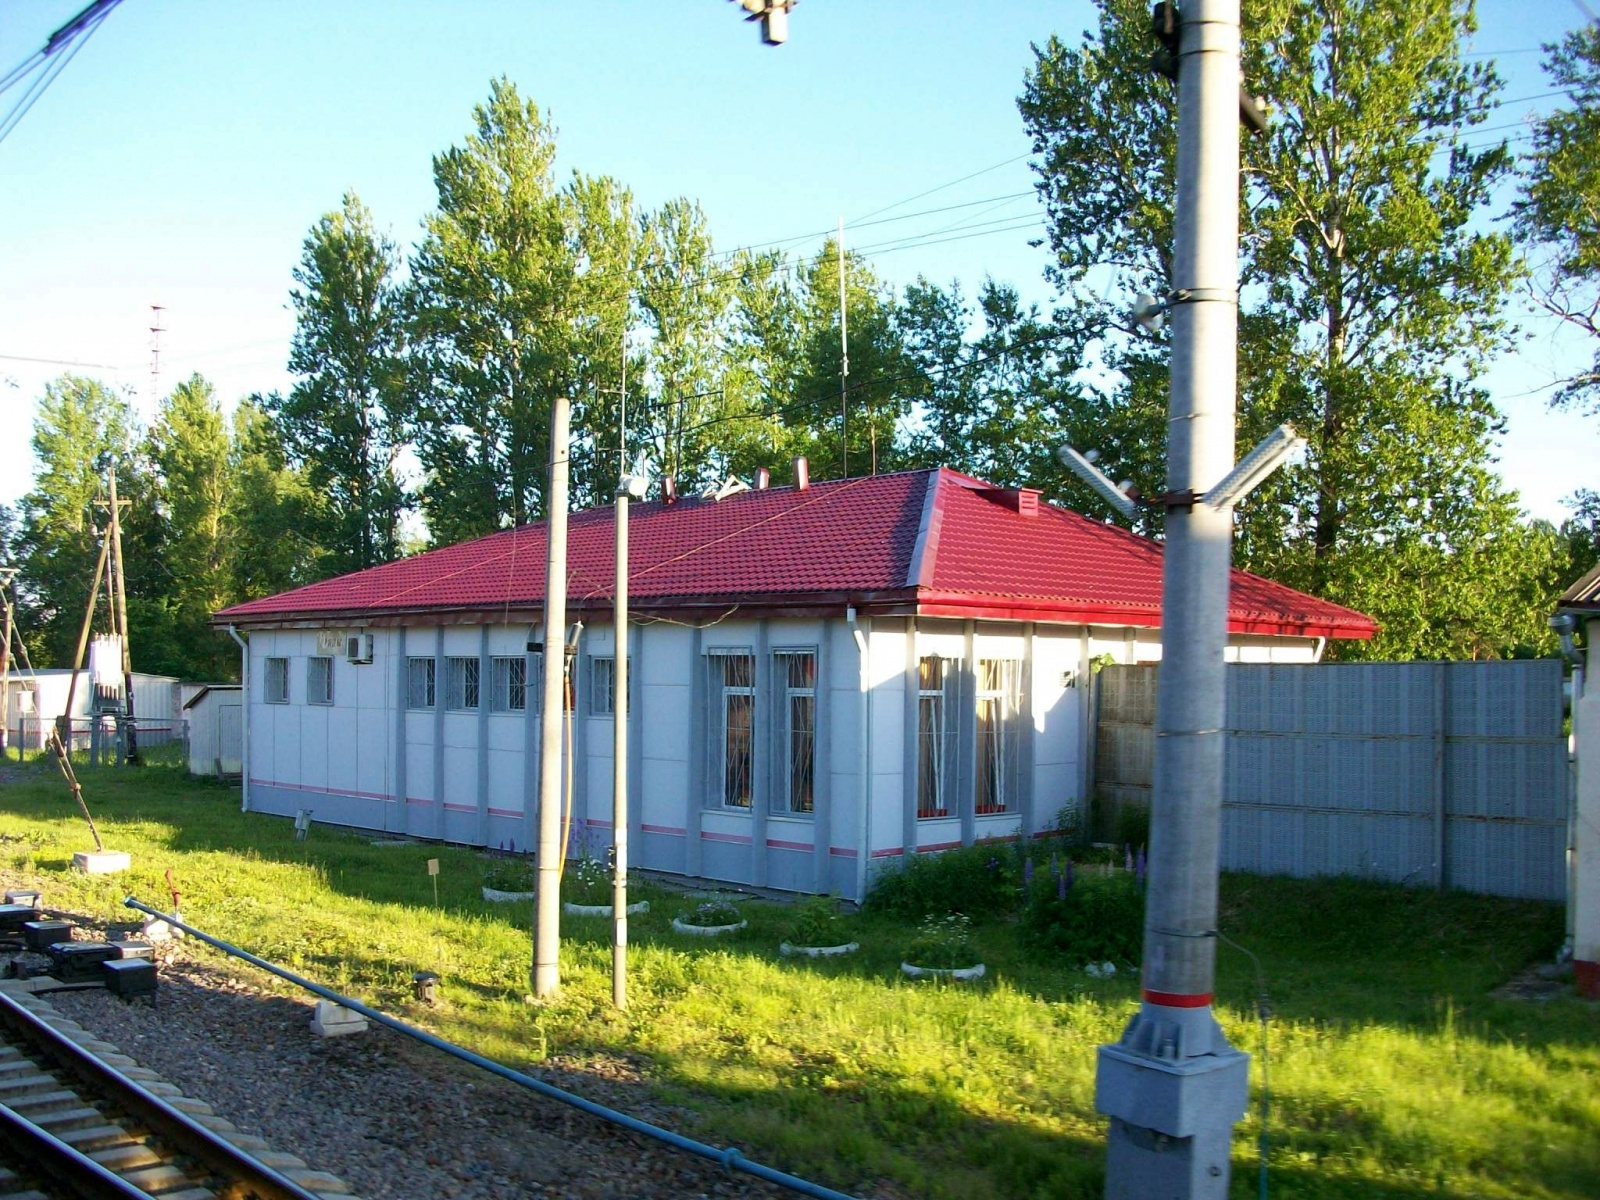 согласился, смотреть фото станции гряды новгородской обл конструкции предусмотрено